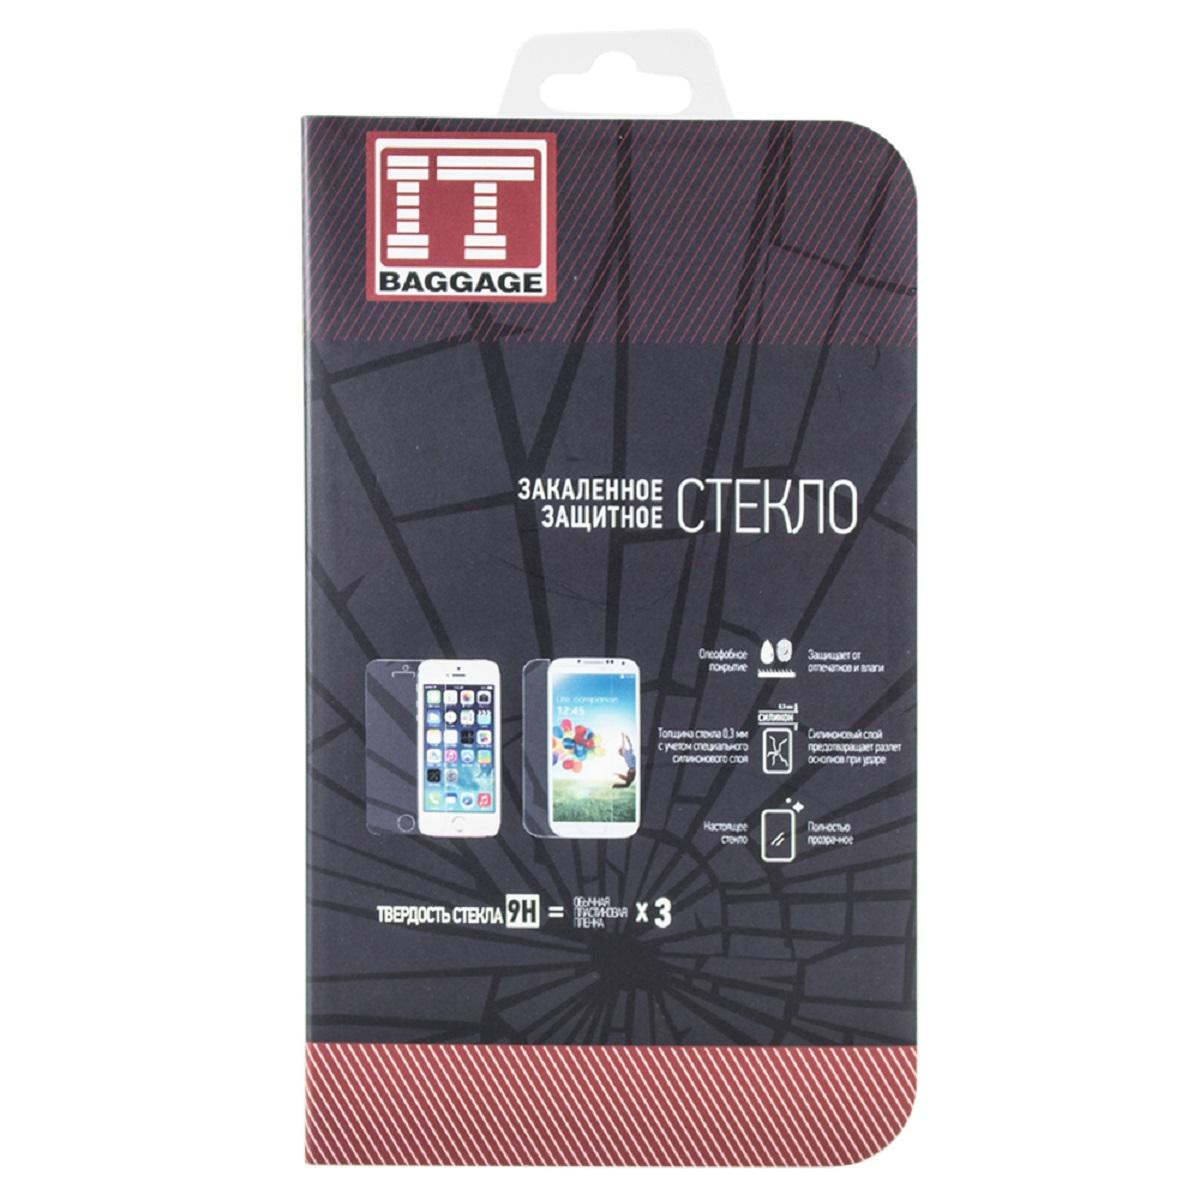 IT Baggage защитное стекло для Asus ZenFone Go ZB452KGITASZB452KGЗакаленное стекло IT Baggage для Asus ZenFone Go (ZB452KG) - это самый верный способ защитить экран от повреждений и загрязнений. Обладает высочайшим уровнем прозрачности и совершенно не влияет на отклик экранного сенсора и качество изображения. Препятствует появлению отпечатков и пятен. Удалить следы жира и косметики с поверхности аксессуара не составить ни какого труда.Характеристики защитного стекла делают его износостойким к таким механическим повреждениям, как царапины, сколы, потертости. При сильном ударе разбившееся стекло не разлетается на осколки, предохраняя вас от порезов, а экран устройства от повреждений.После снятия защитного стекла с поверхности дисплея, на нем не остаются повреждения, такие как потертости и царапины.